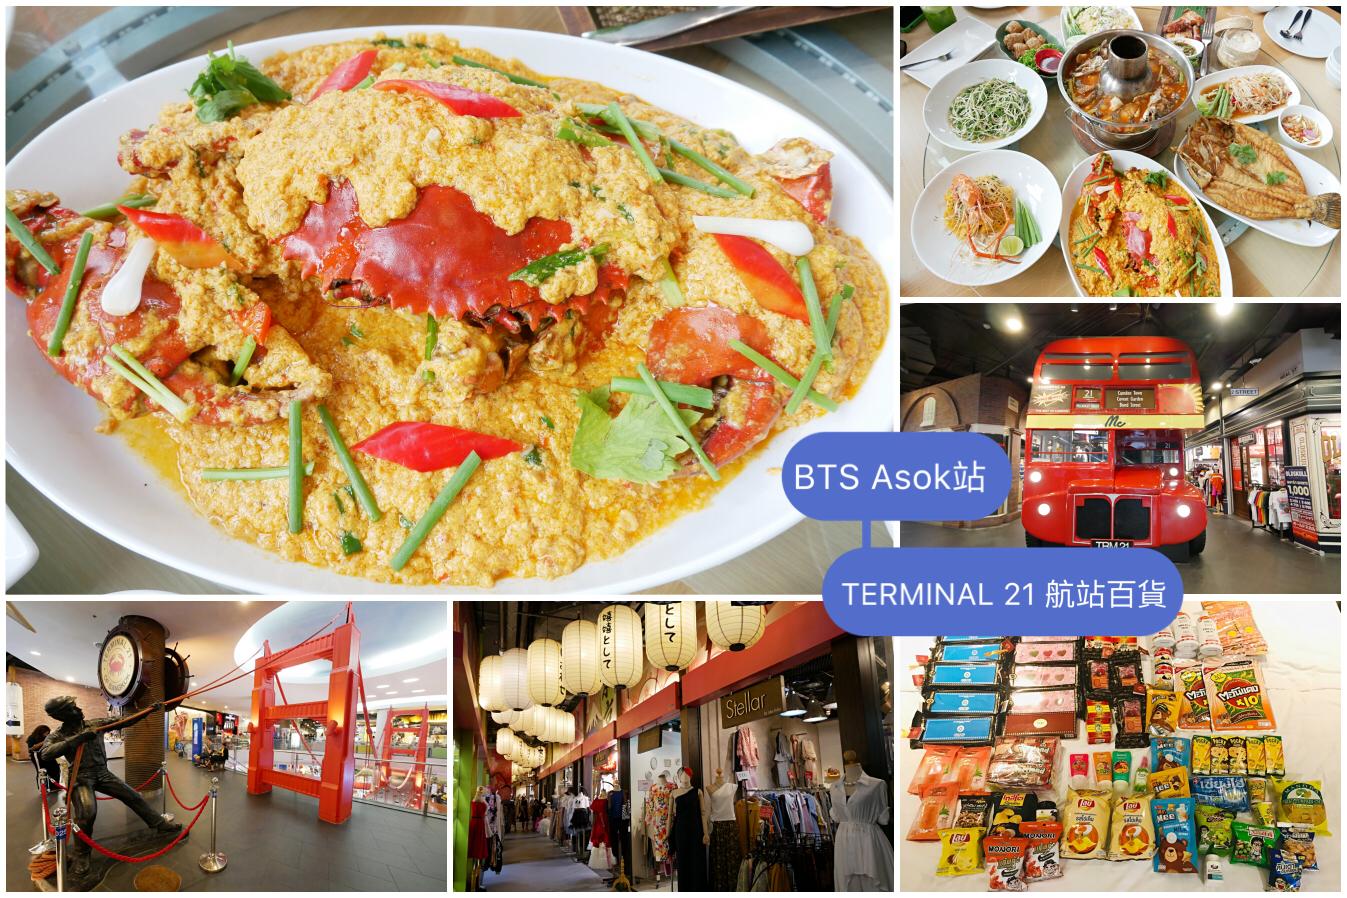 [曼谷美食]Terminal 21航站百貨 BTS-Asok站環遊世界風情~超便宜美食街.《上味泰餐館 Savoey》最新分店 @VIVIYU小世界